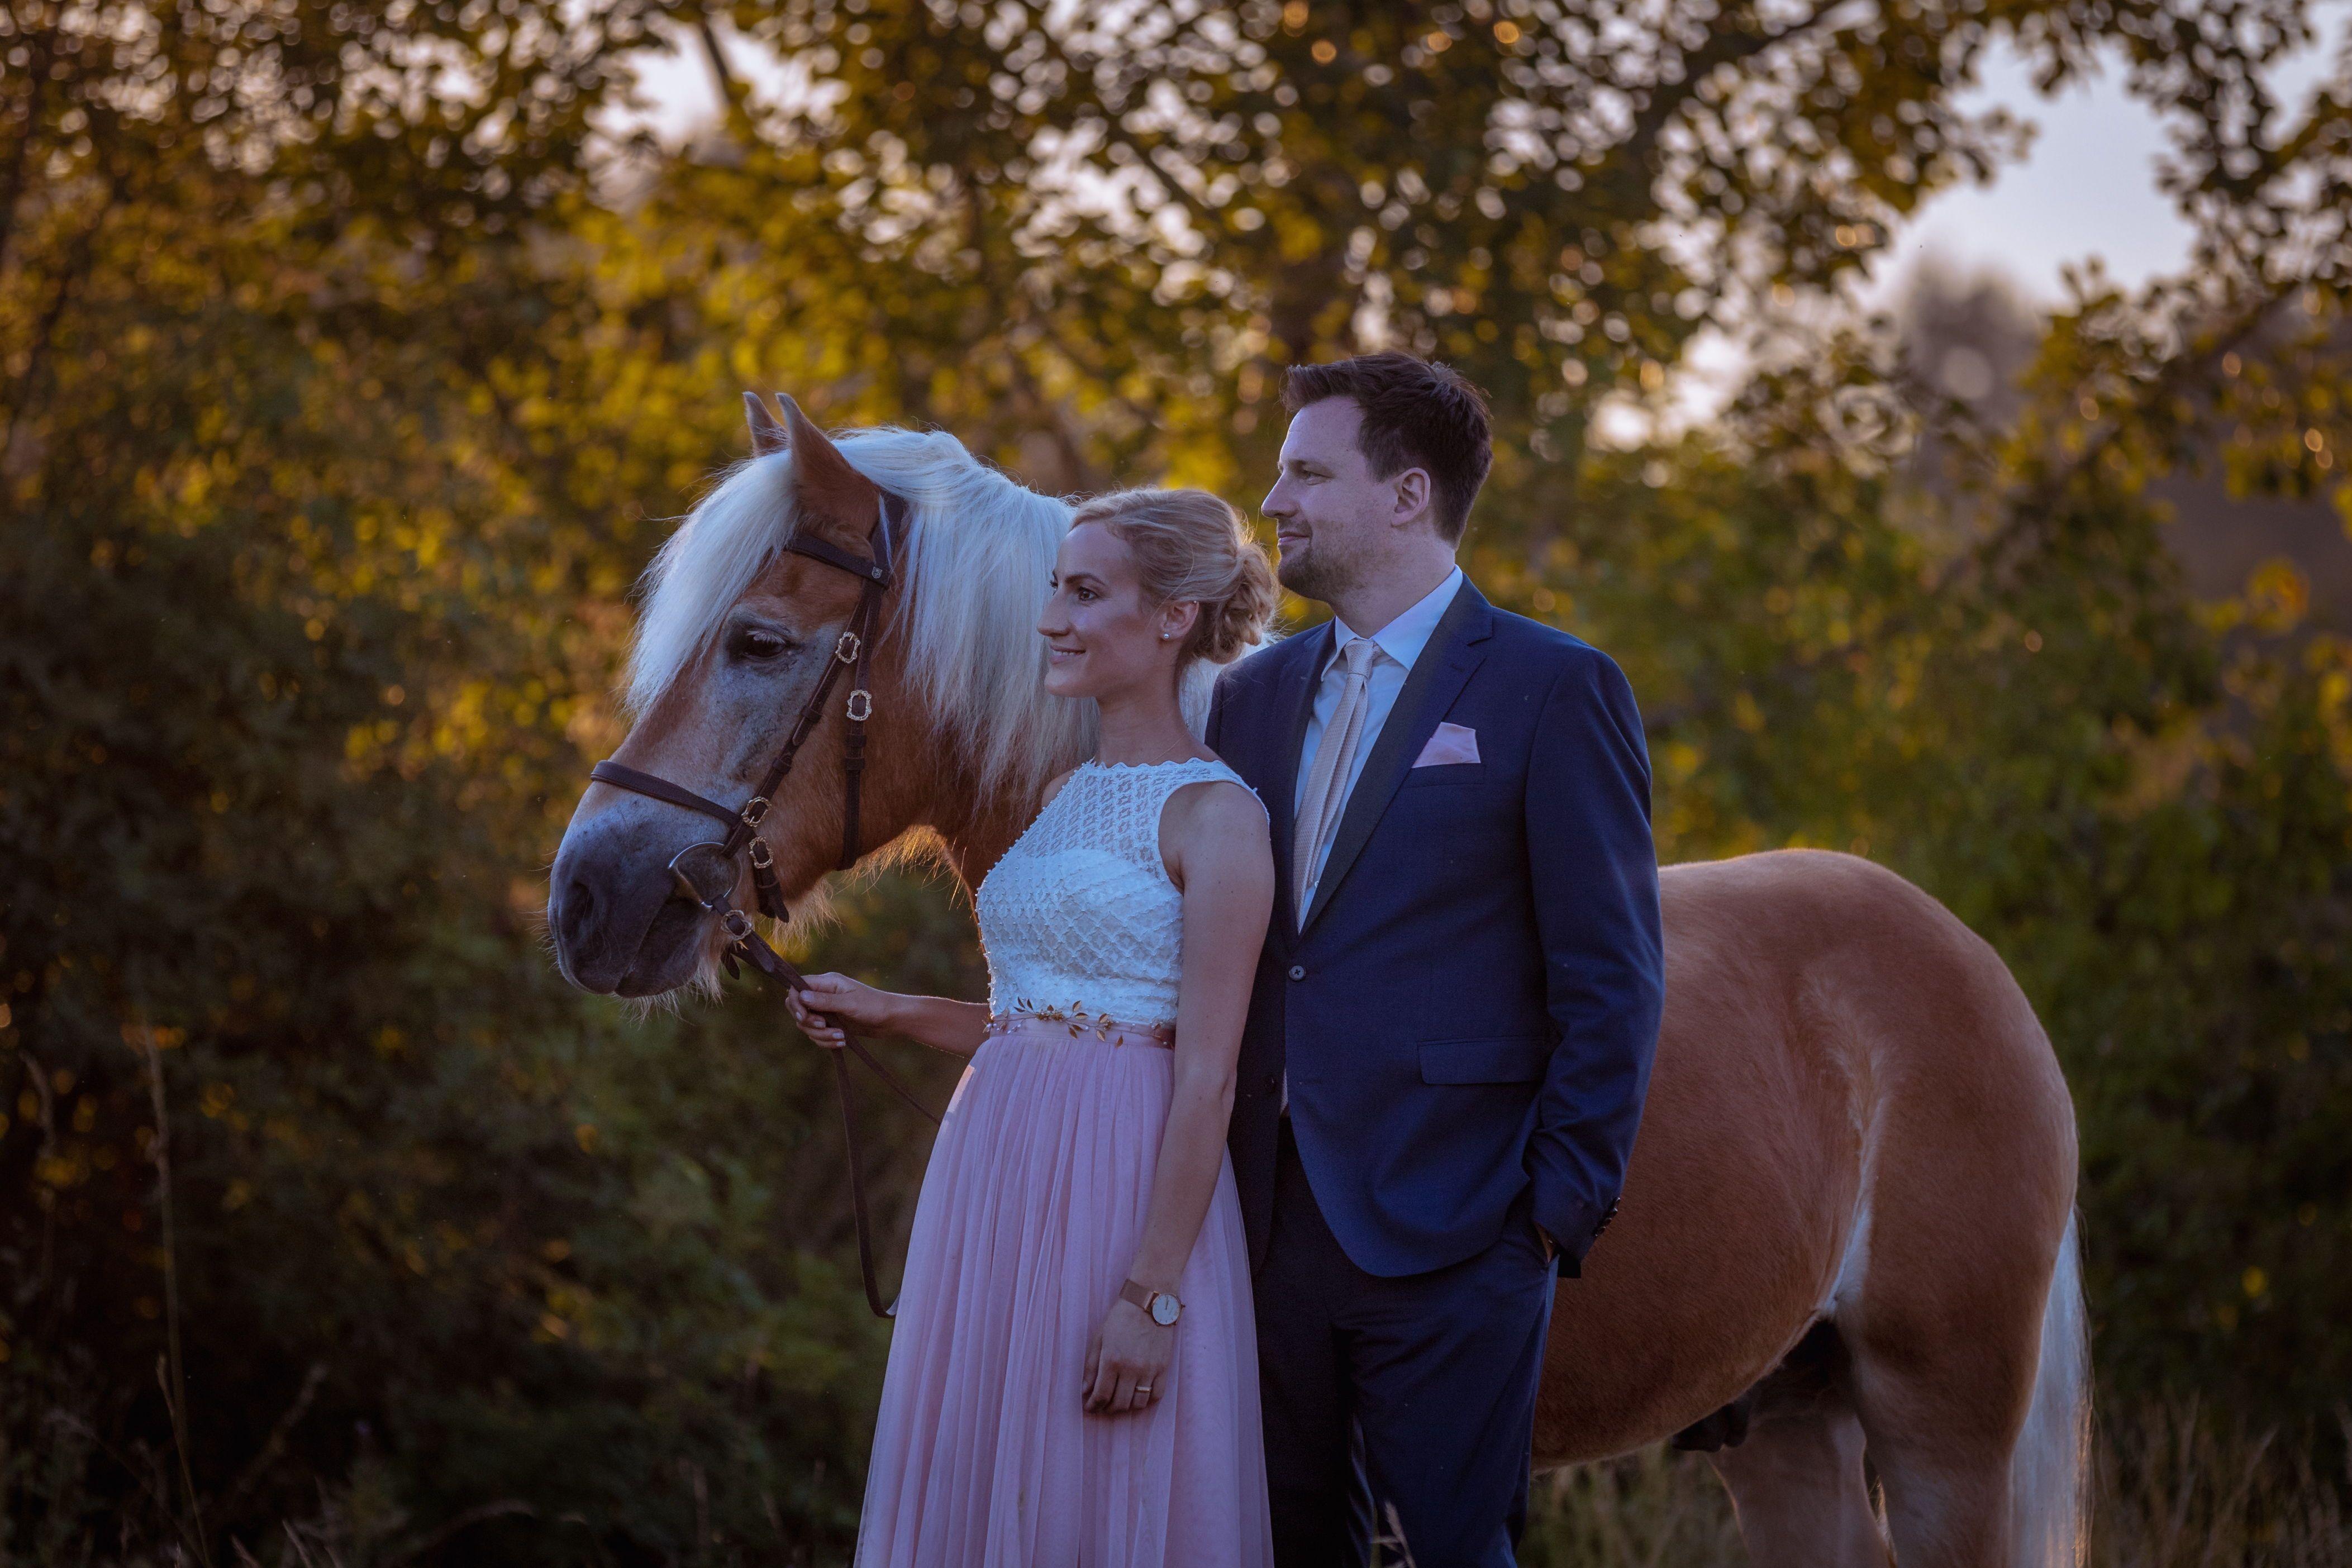 Hochzeitsshooting Mit Pferd Pferde Fotografie Tierfotografie Pferdefotografie